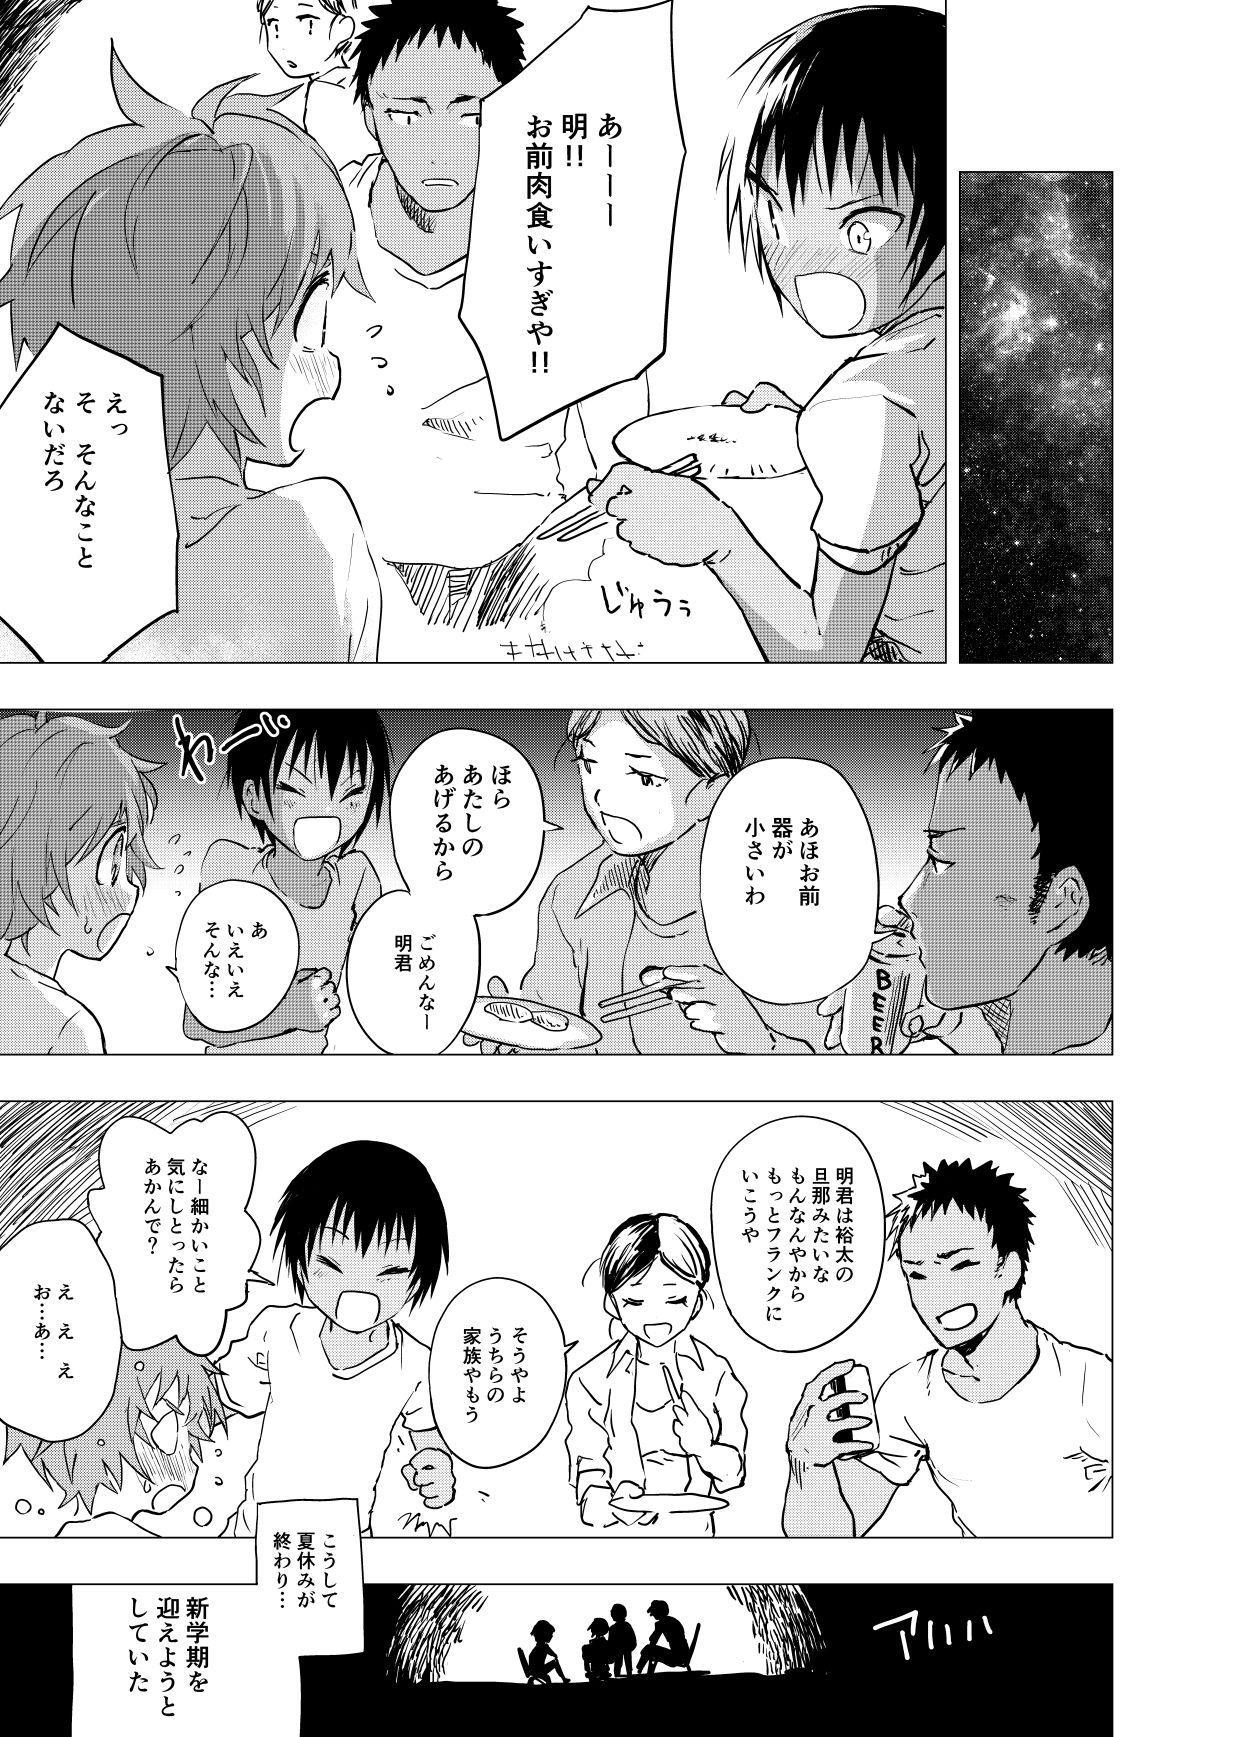 Inaka no Uke Shounen to Tokai no Seme Shounen no Ero Manga 1-6 80